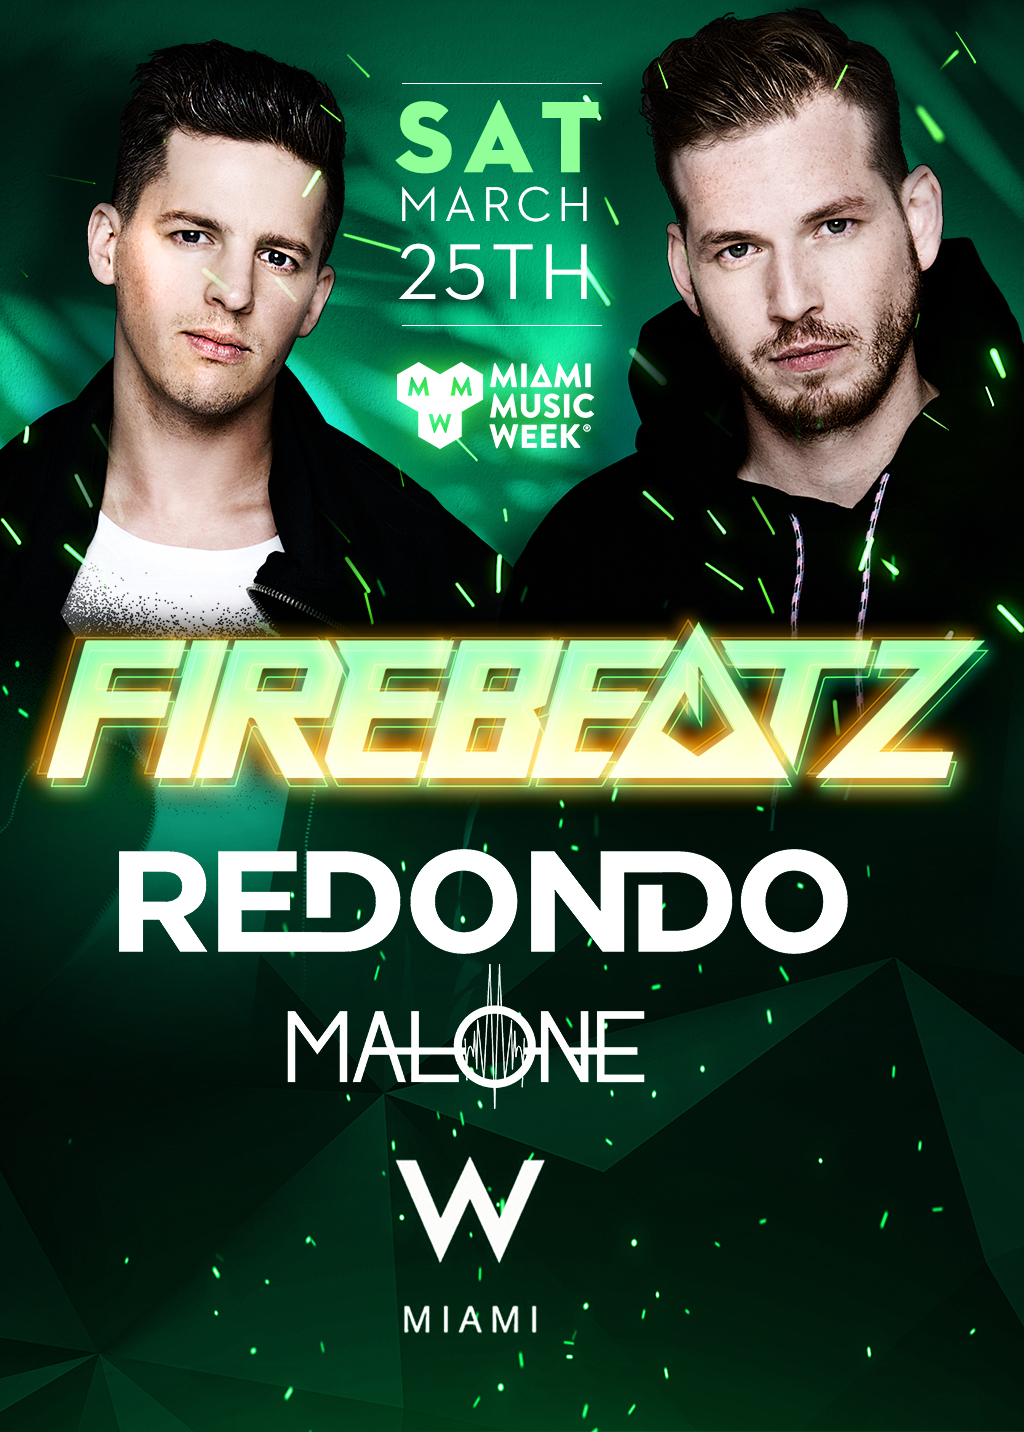 firebeatz_w